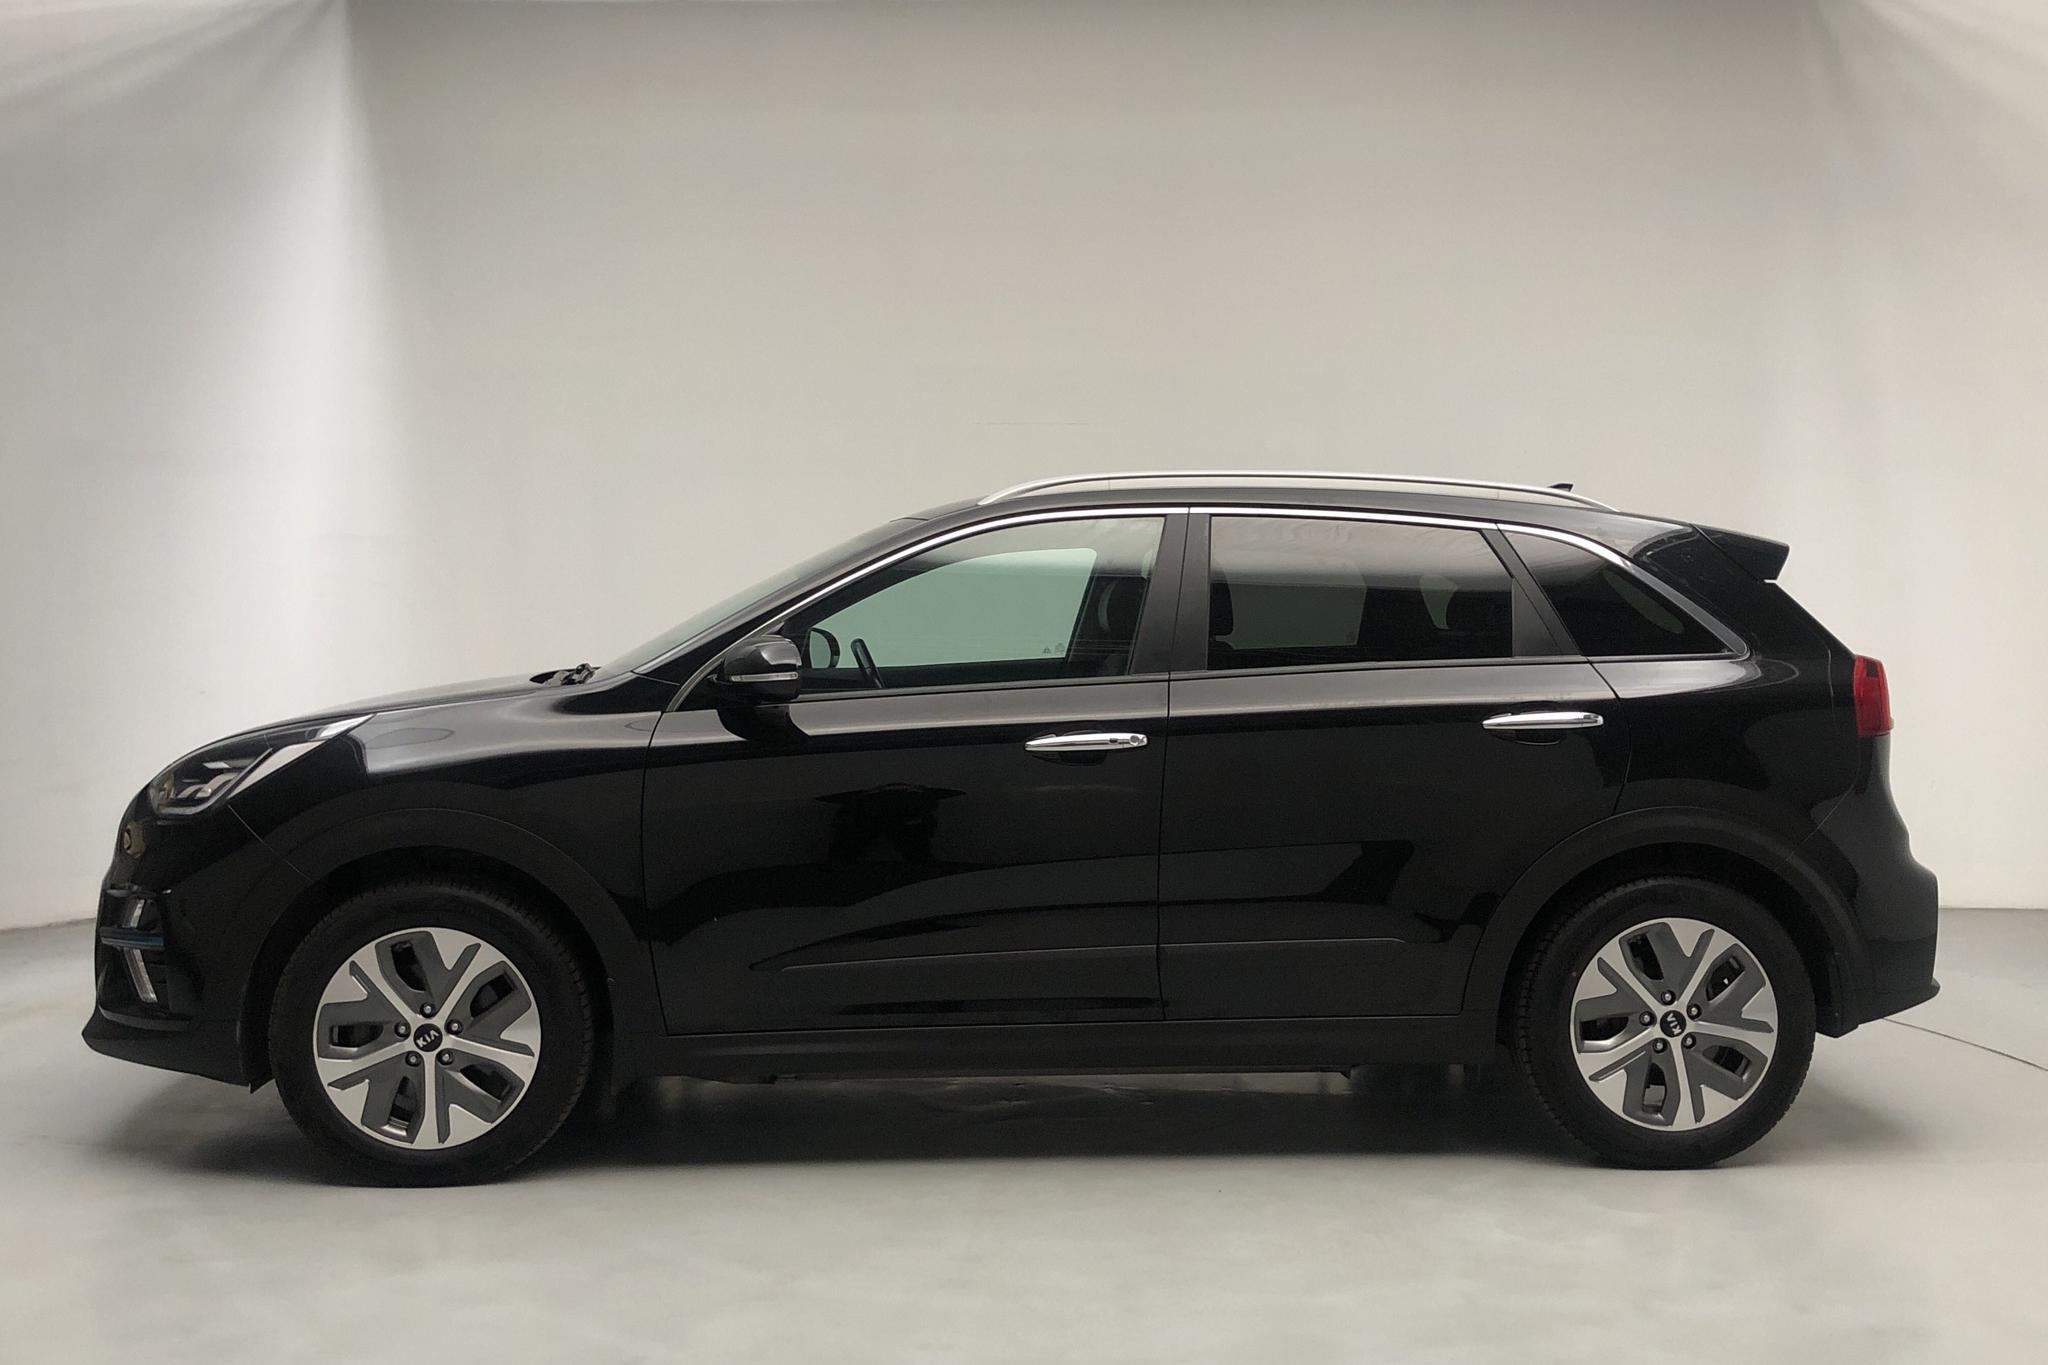 KIA Niro EV 64 kWh (204hk) - 70 790 km - Automatic - black - 2019